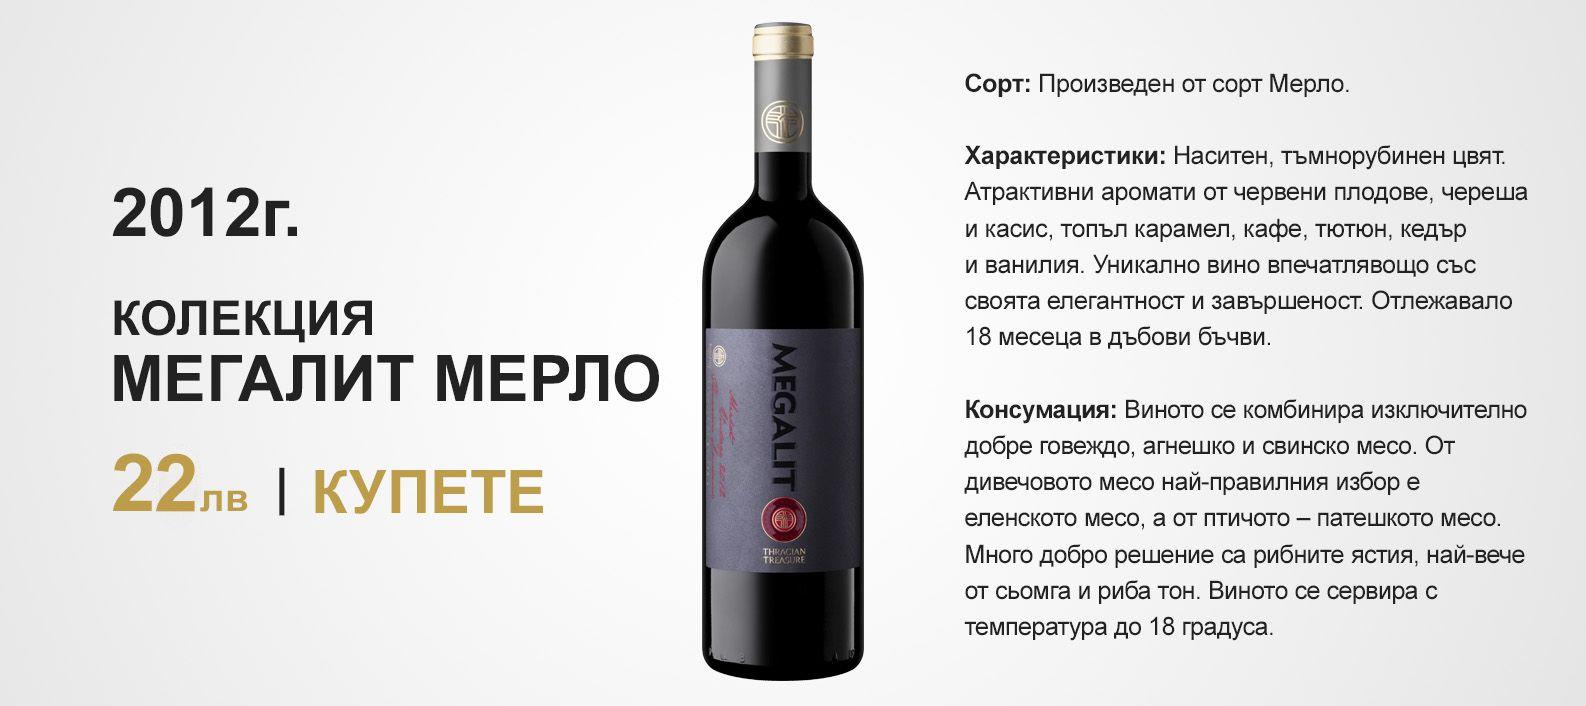 Мерло от серия Мегалит 2012 на Шато Коларово